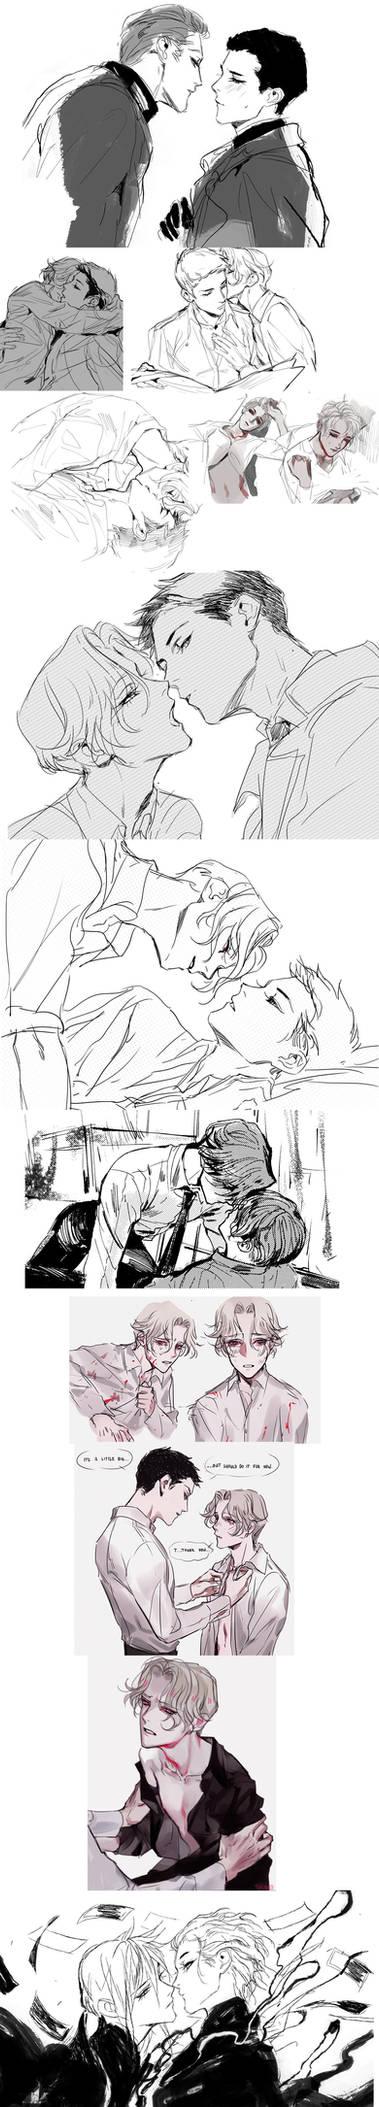 gay sketch dump